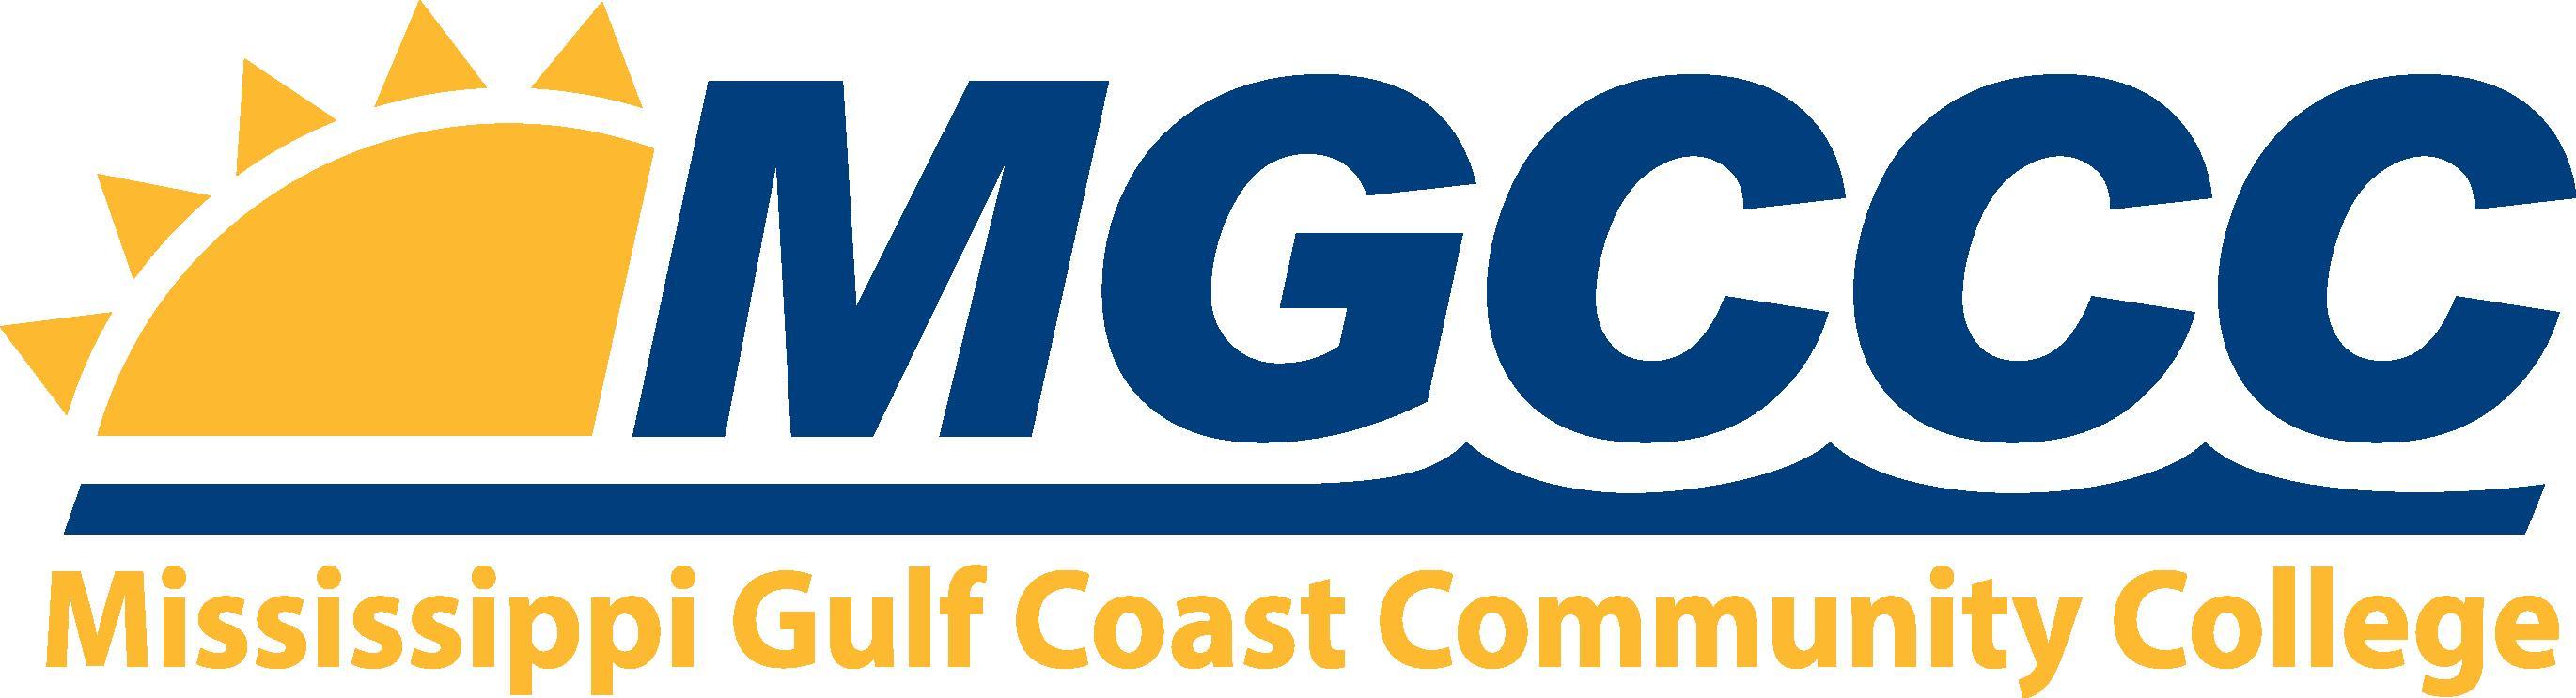 mggcc